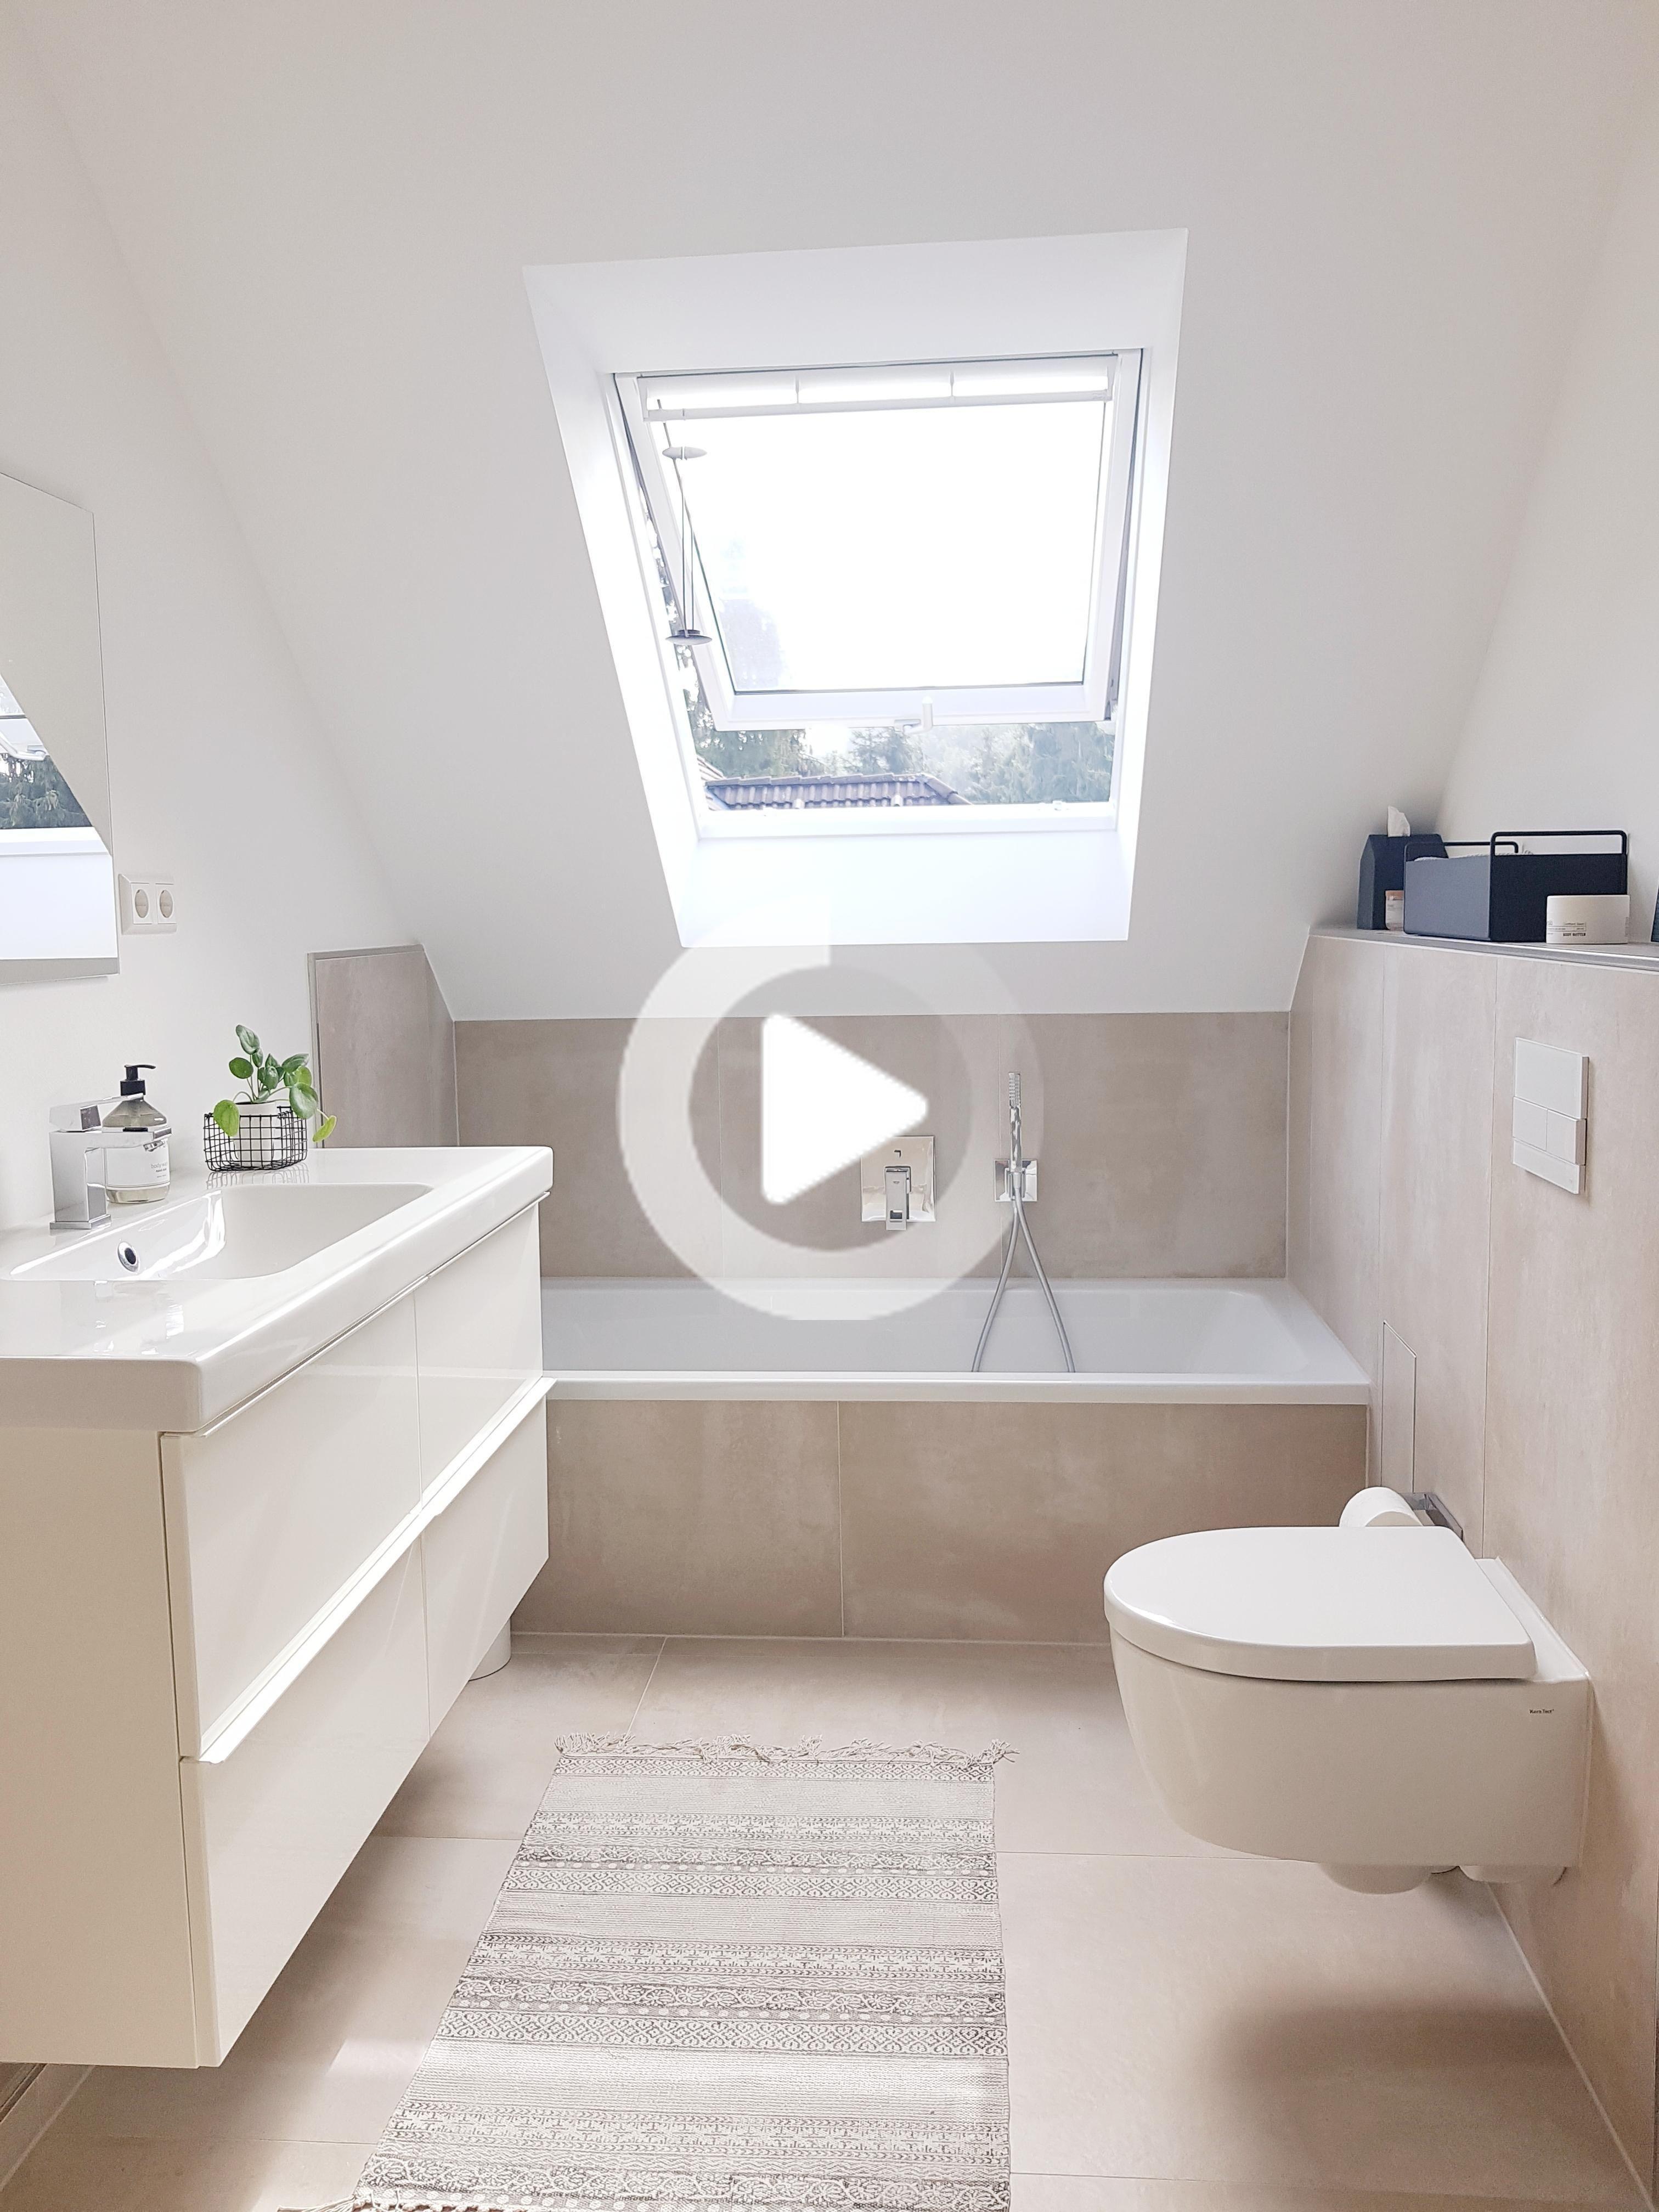 Unser Renoviertes Badezimmer Badezimmer Bathroomde Badezimmer Bathroomde Dach In 2020 Neues Badezimmer Badezimmer Badezimmer Dachgeschoss